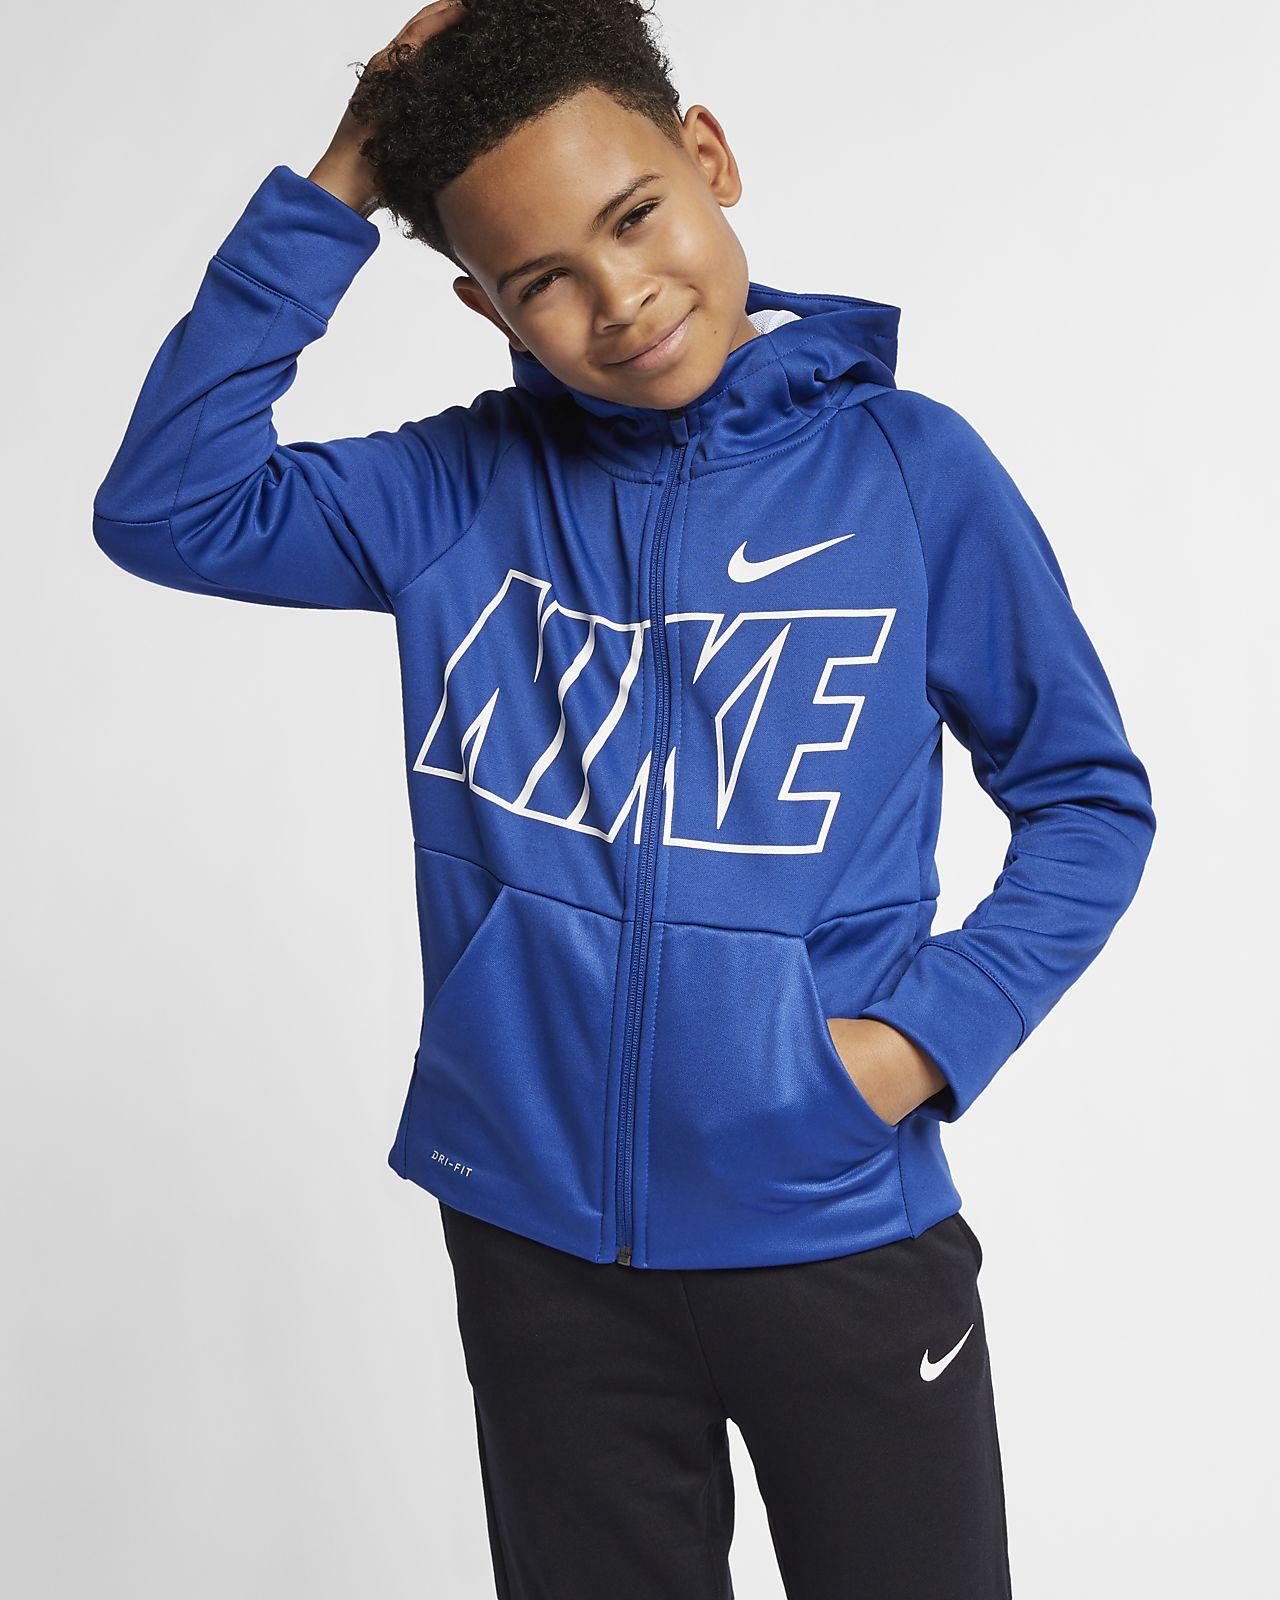 Nike Dri-FIT Therma Trainings-Hoodie mit durchgehendem Reißverschluss für ältere Kinder (Jungen)